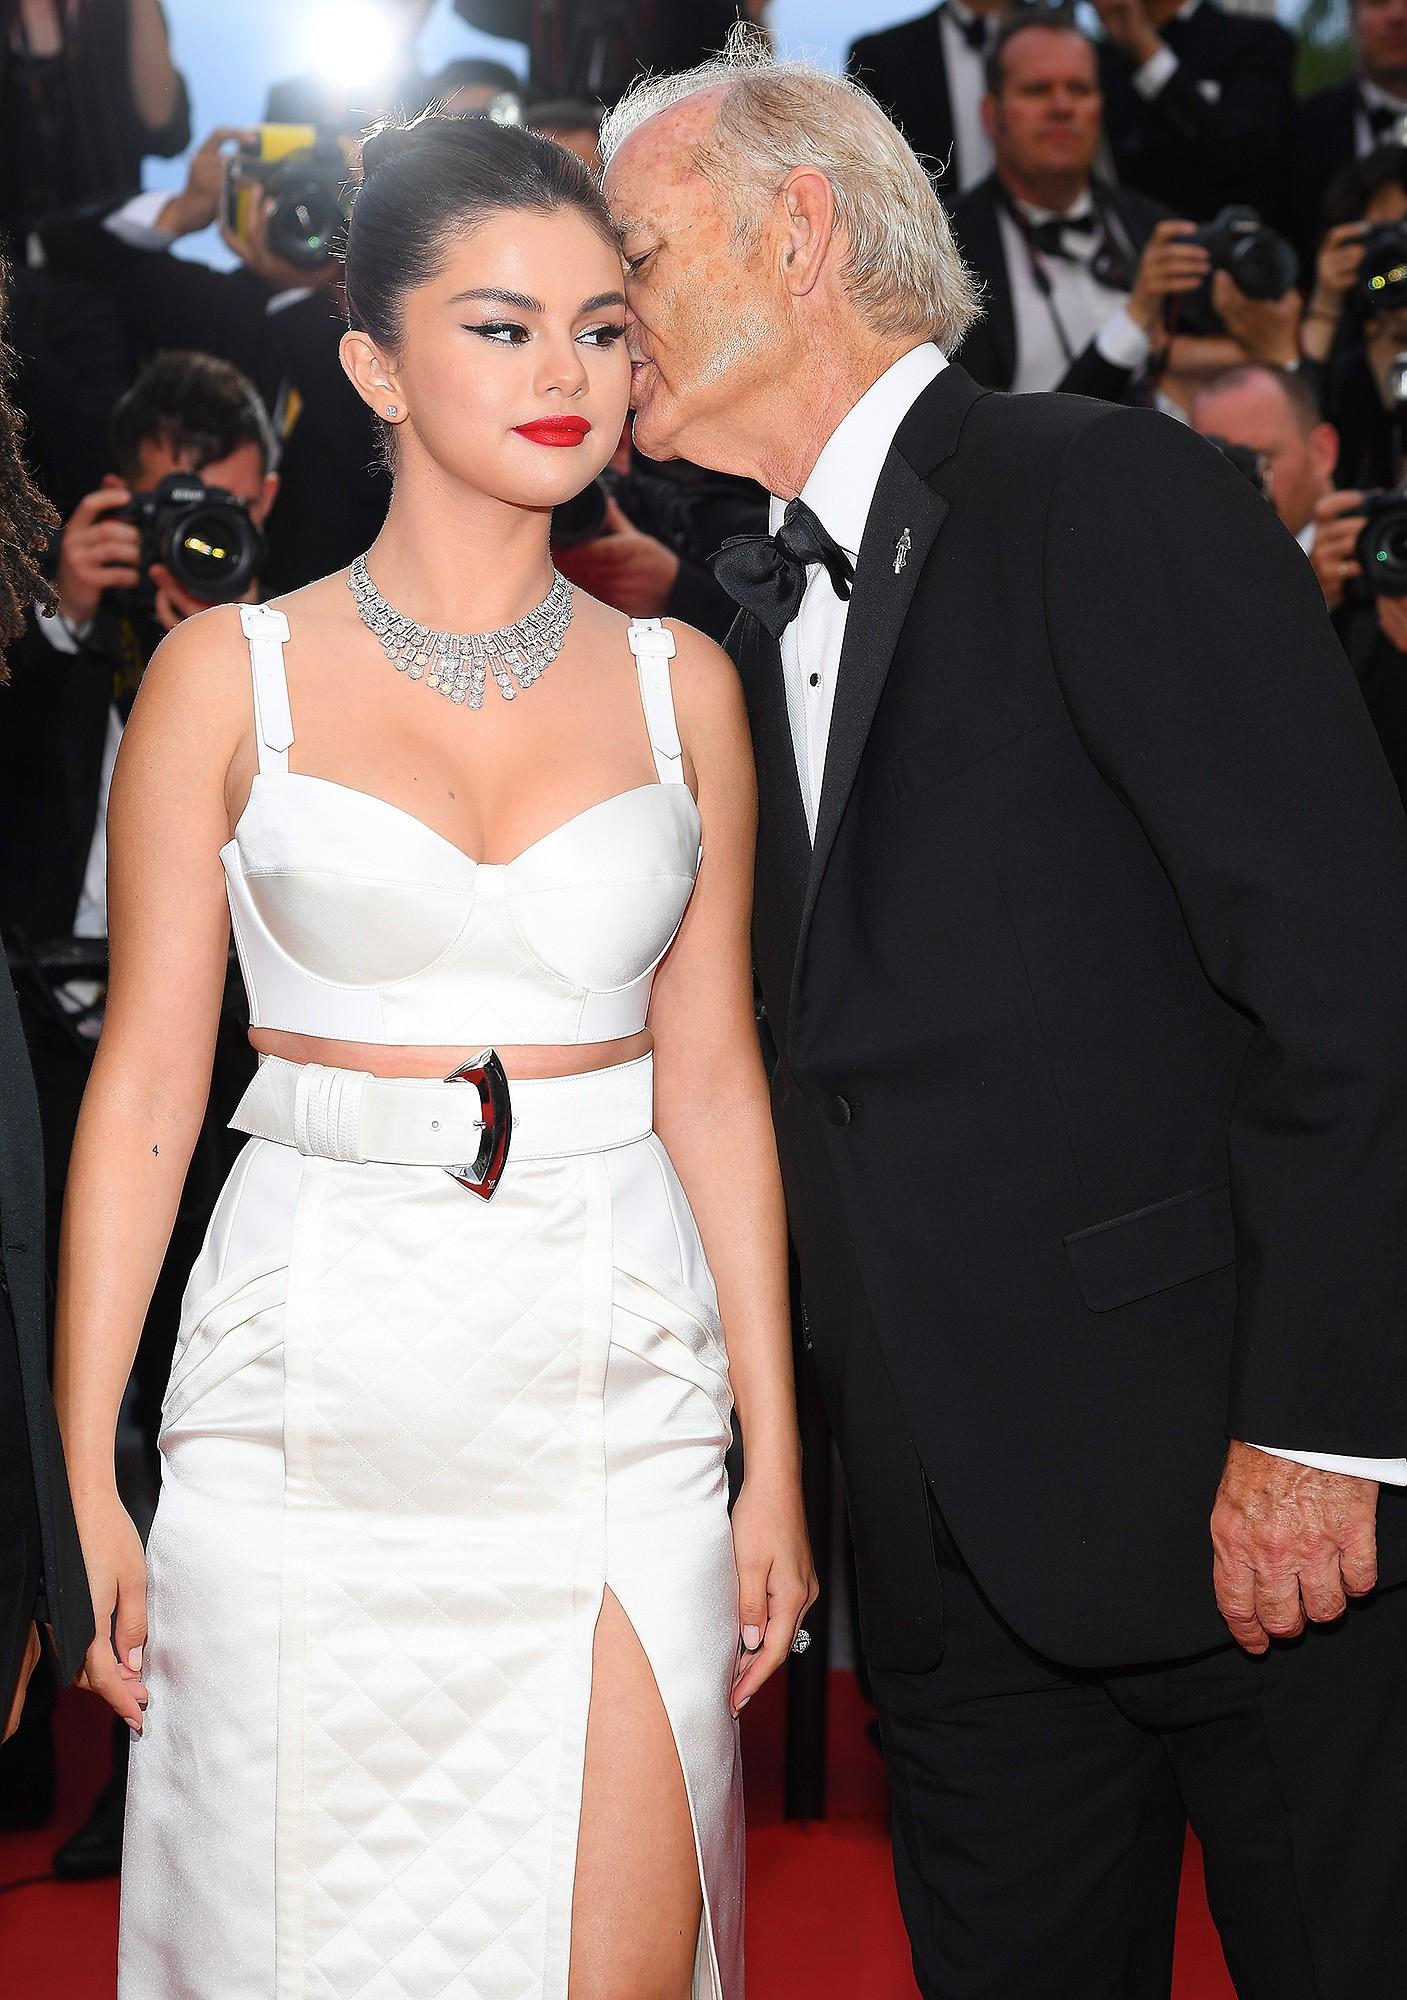 Choáng: Sau bao năm chia tay Justin, Selena Gomez thông báo chuẩn bị kết hôn với tài tử 69 tuổi? - Ảnh 4.